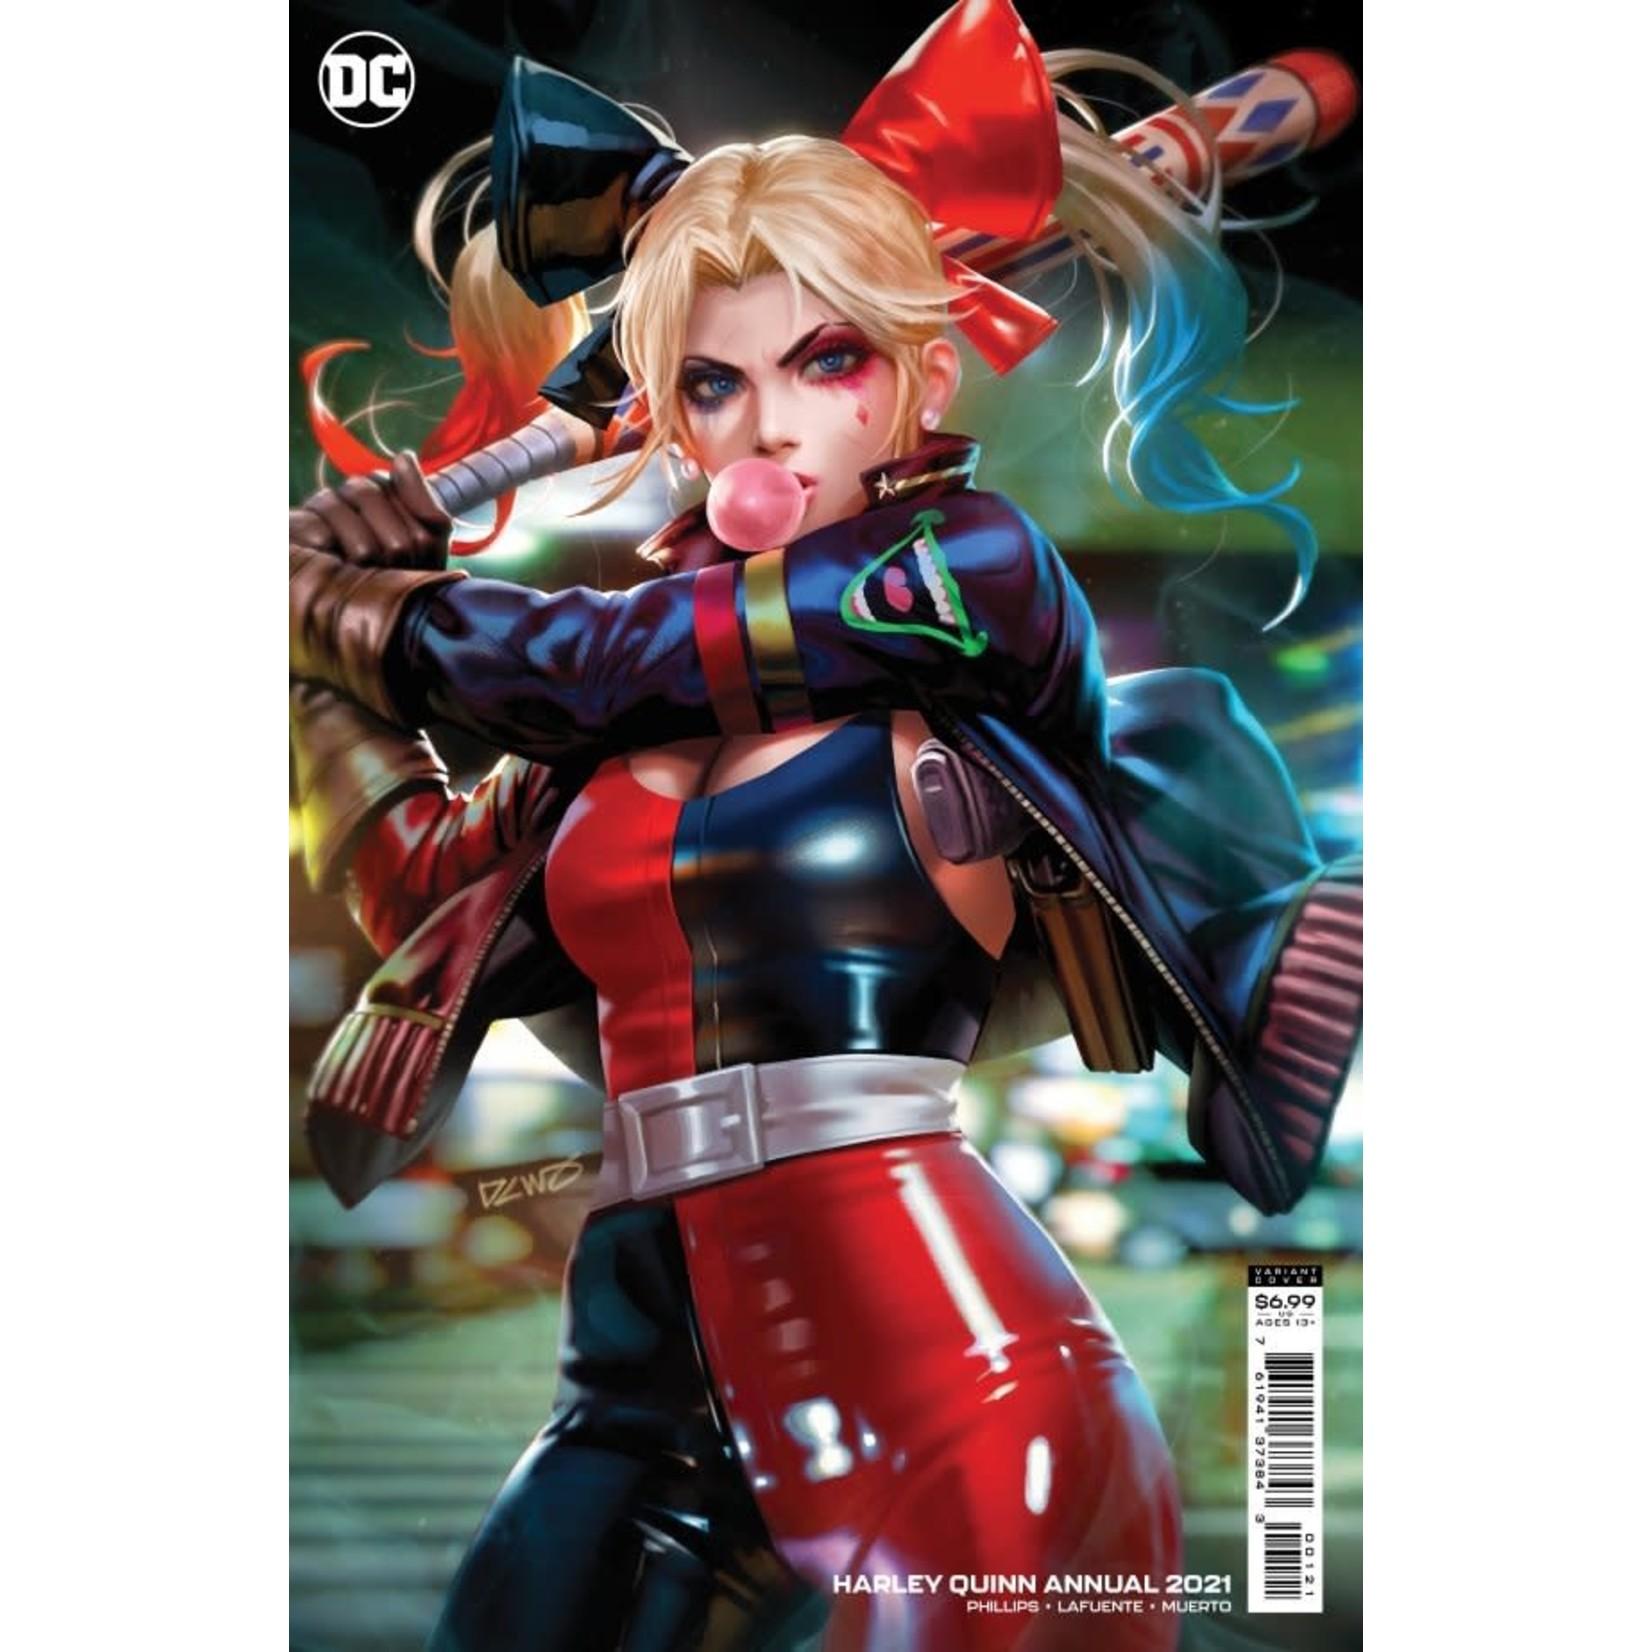 DC Comics Harley Quinn 2021 Annual Derrick Chew Card Stock Variant